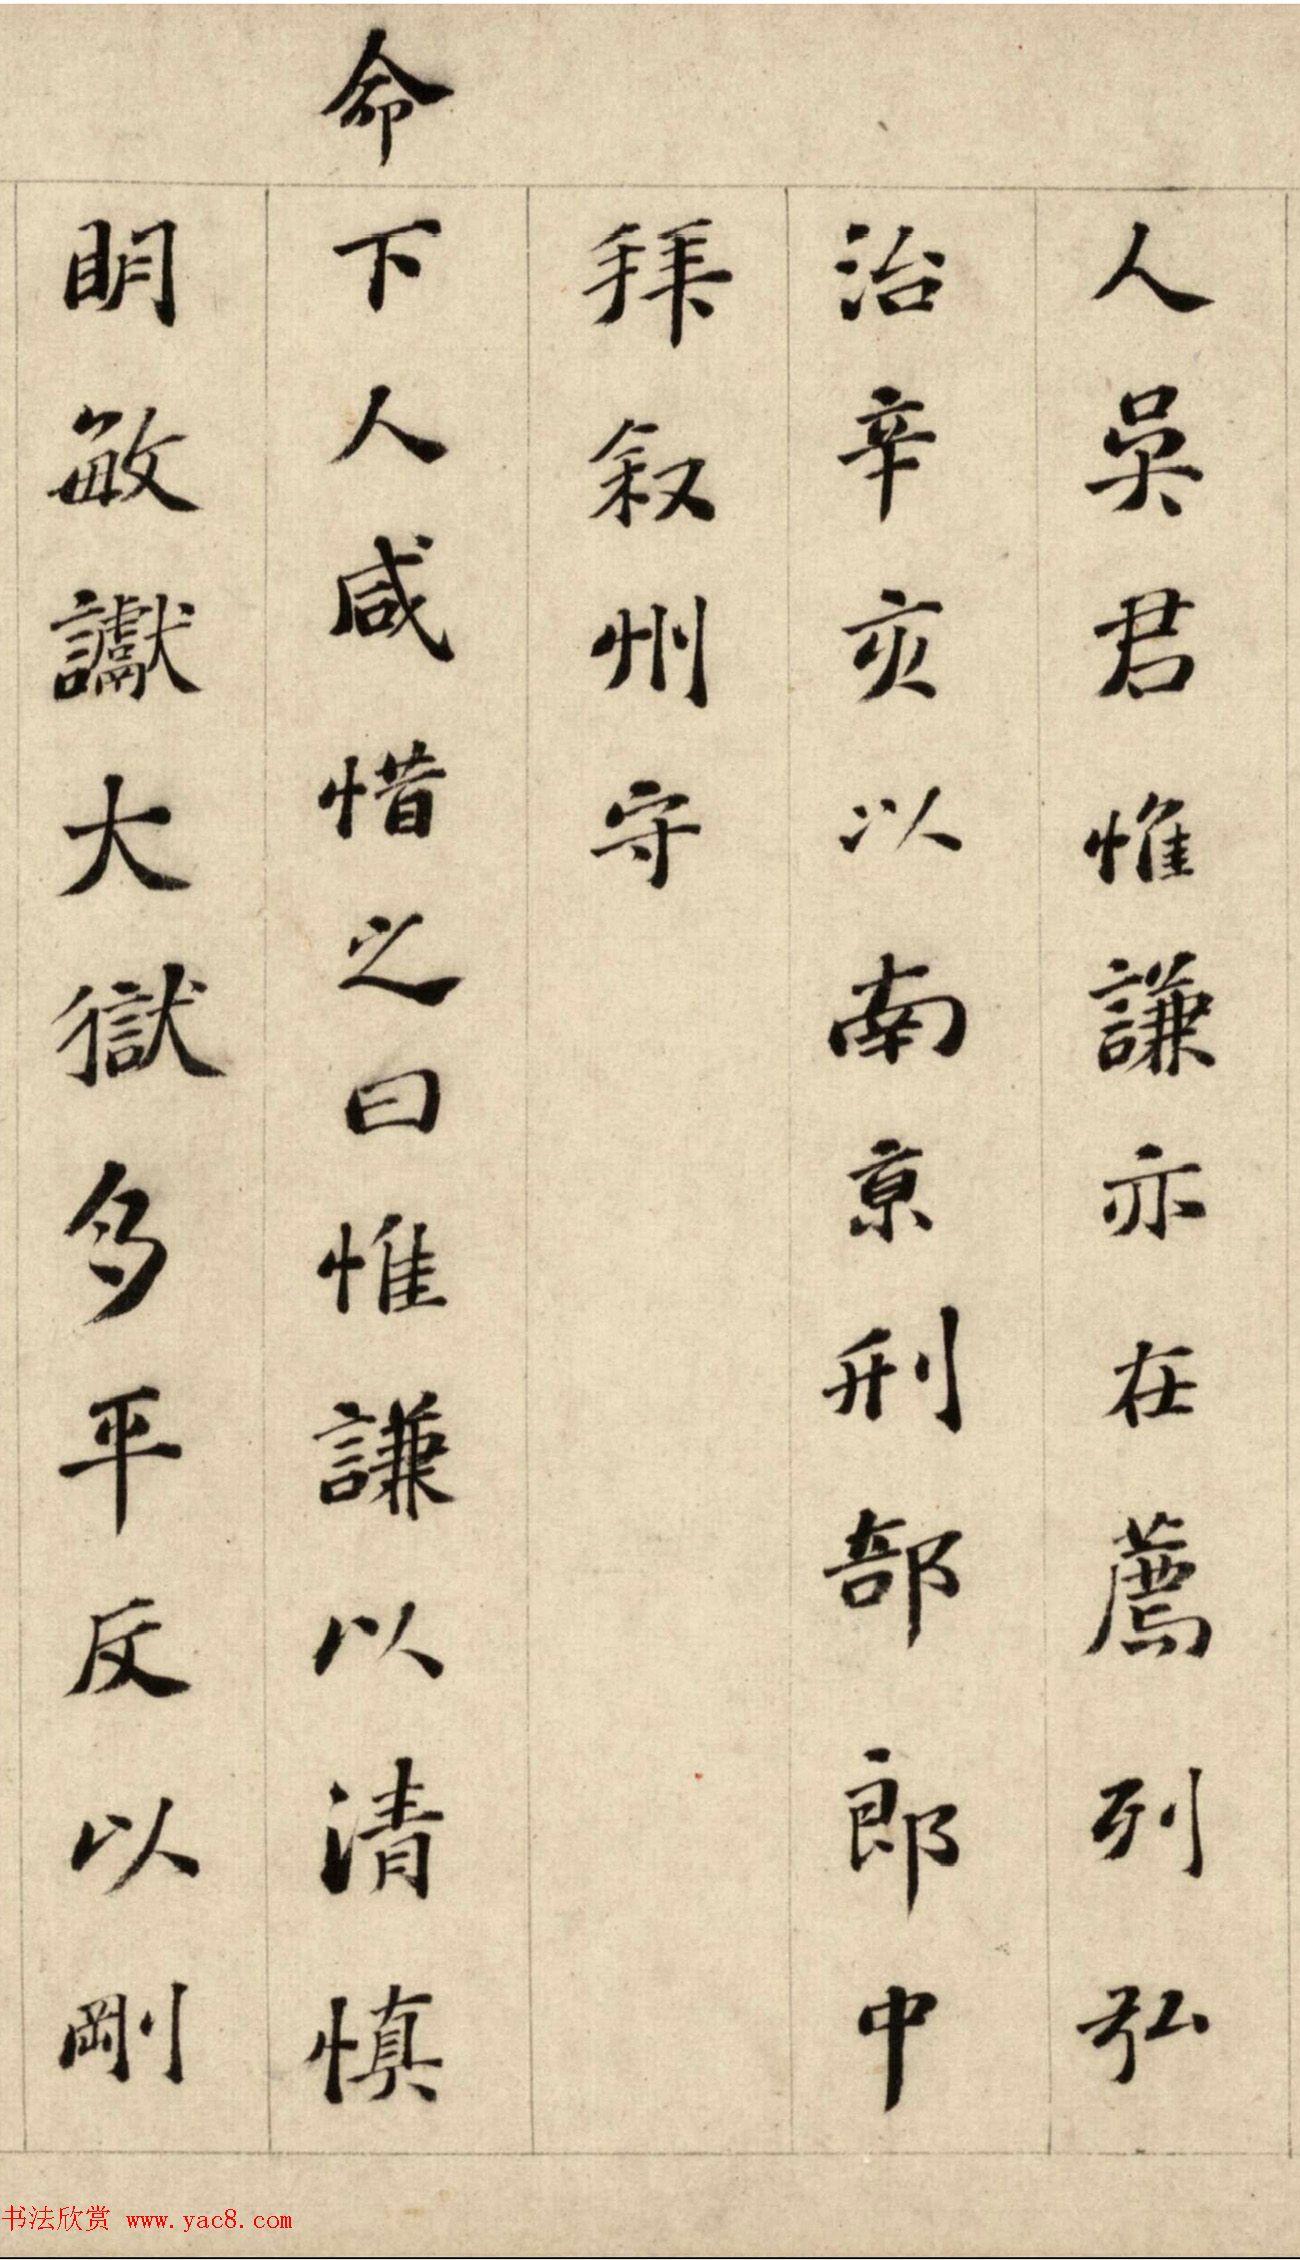 文徵明之父文林书法《送吴叙州之任序》